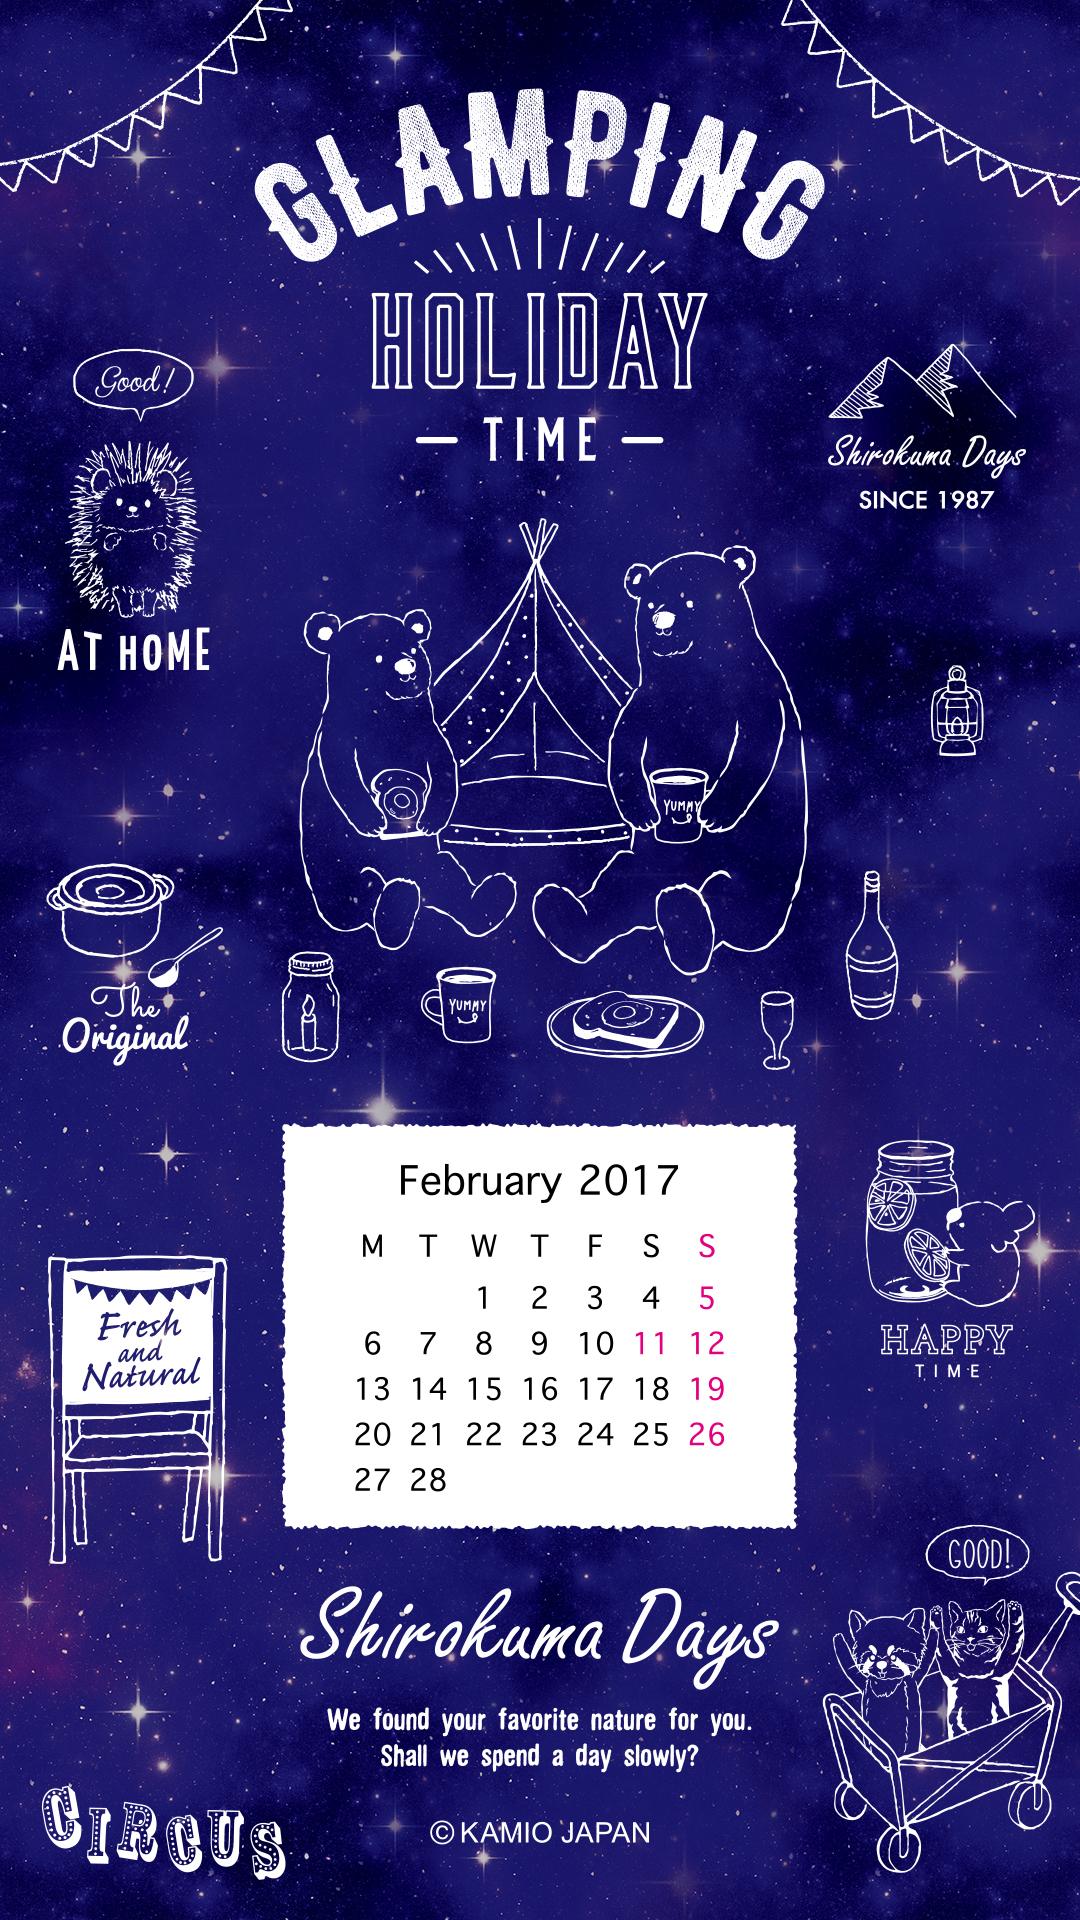 2月カレンダー壁紙プレゼント ニュース 株式会社カミオジャパン ファンシーグッズの企画 デザイン 製造 販売